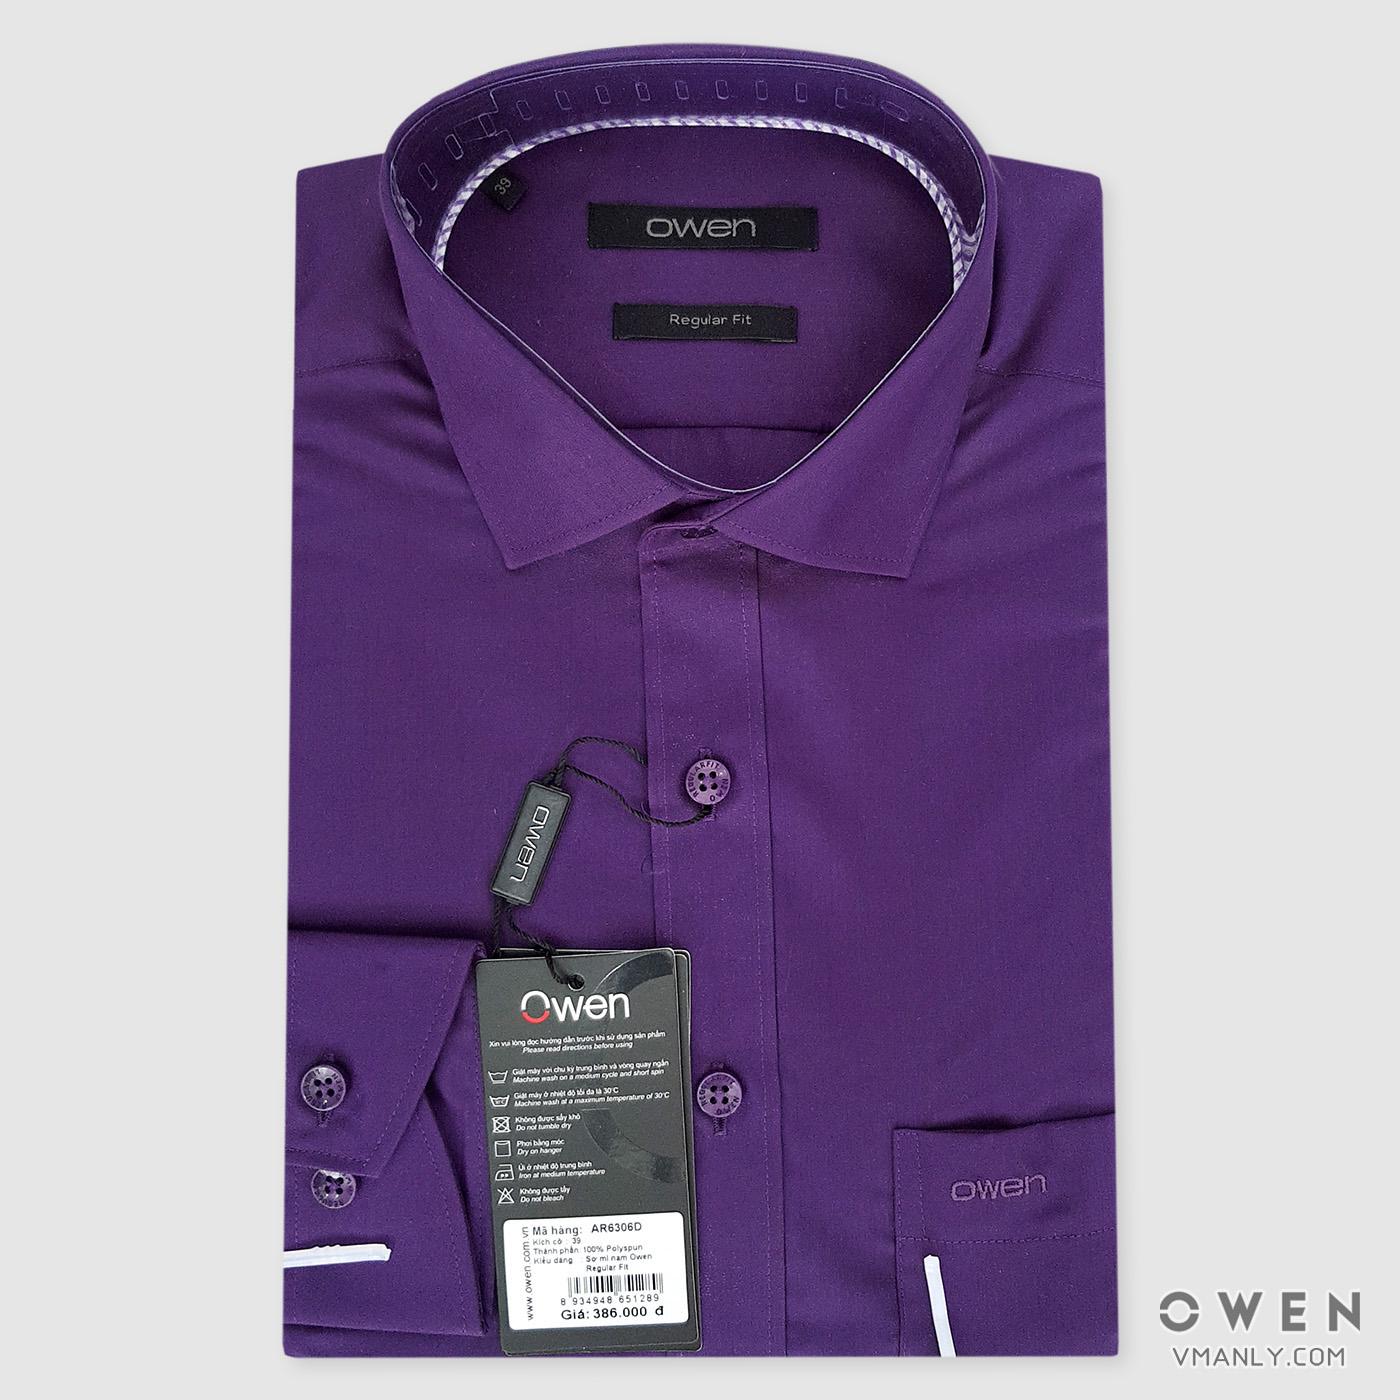 Áo sơ mi nam dài tay Owen màu tím AR6306D